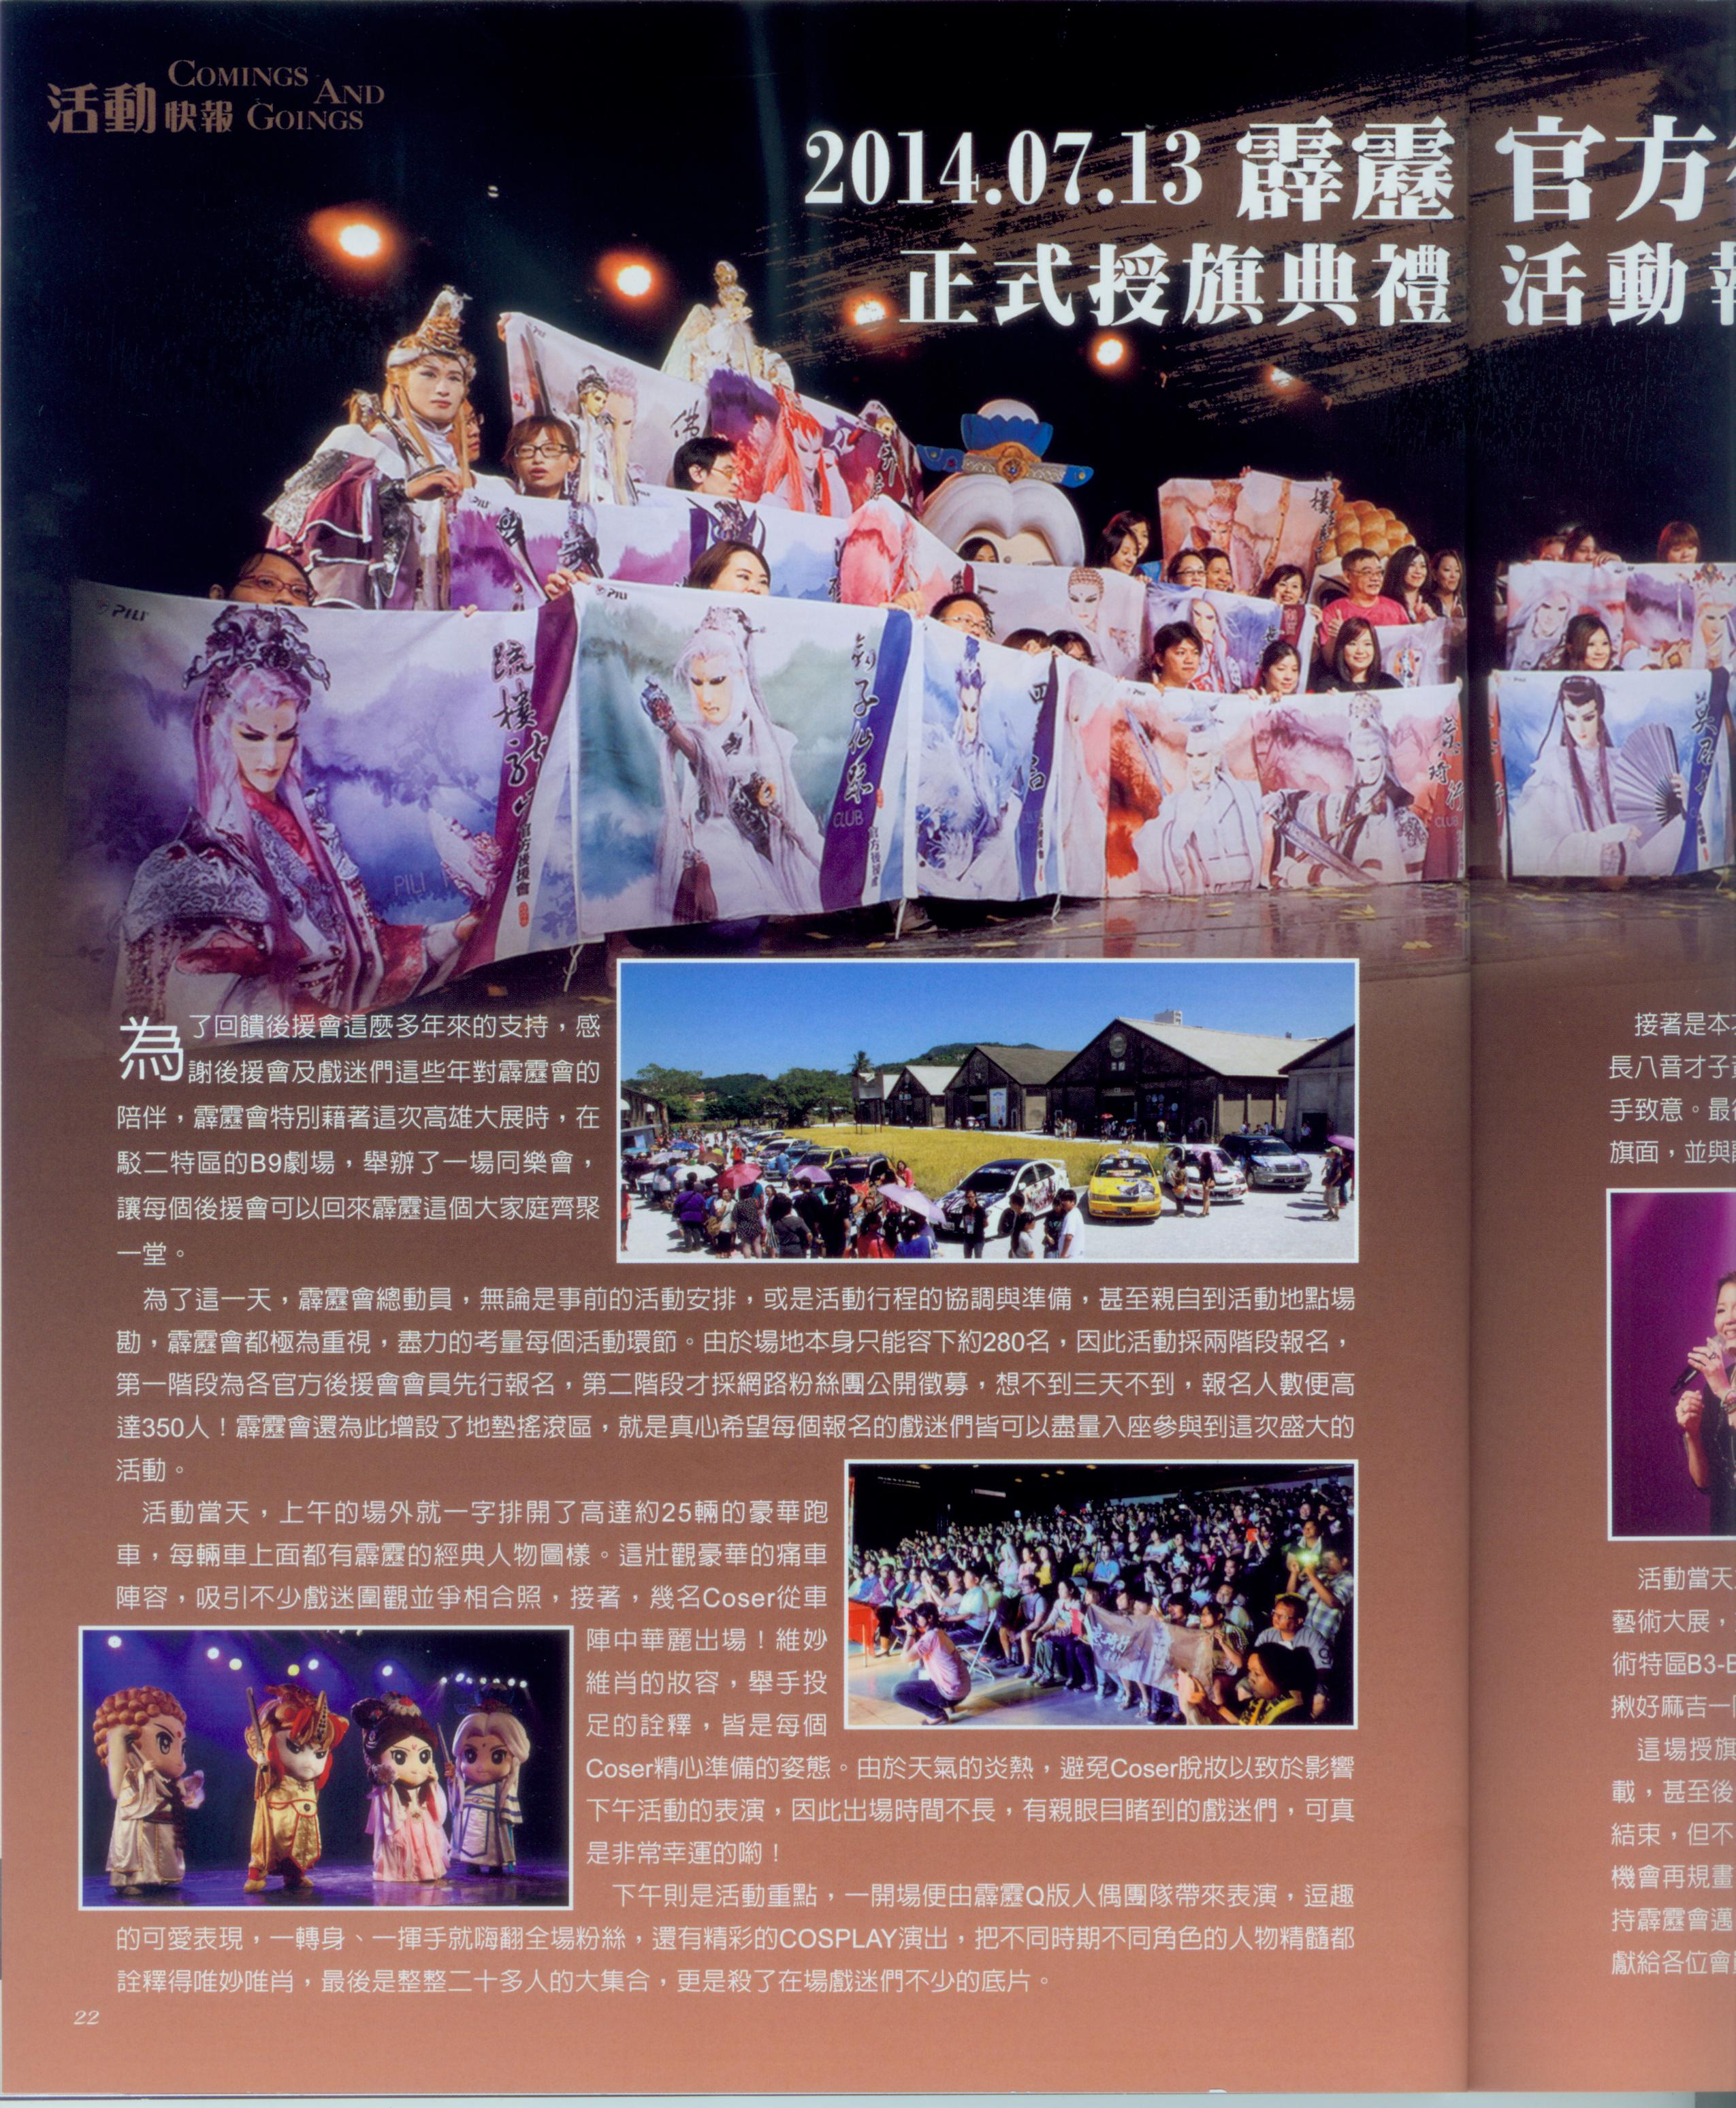 【霹雳会刊】 原画素材 设定资料784p73_CG窝